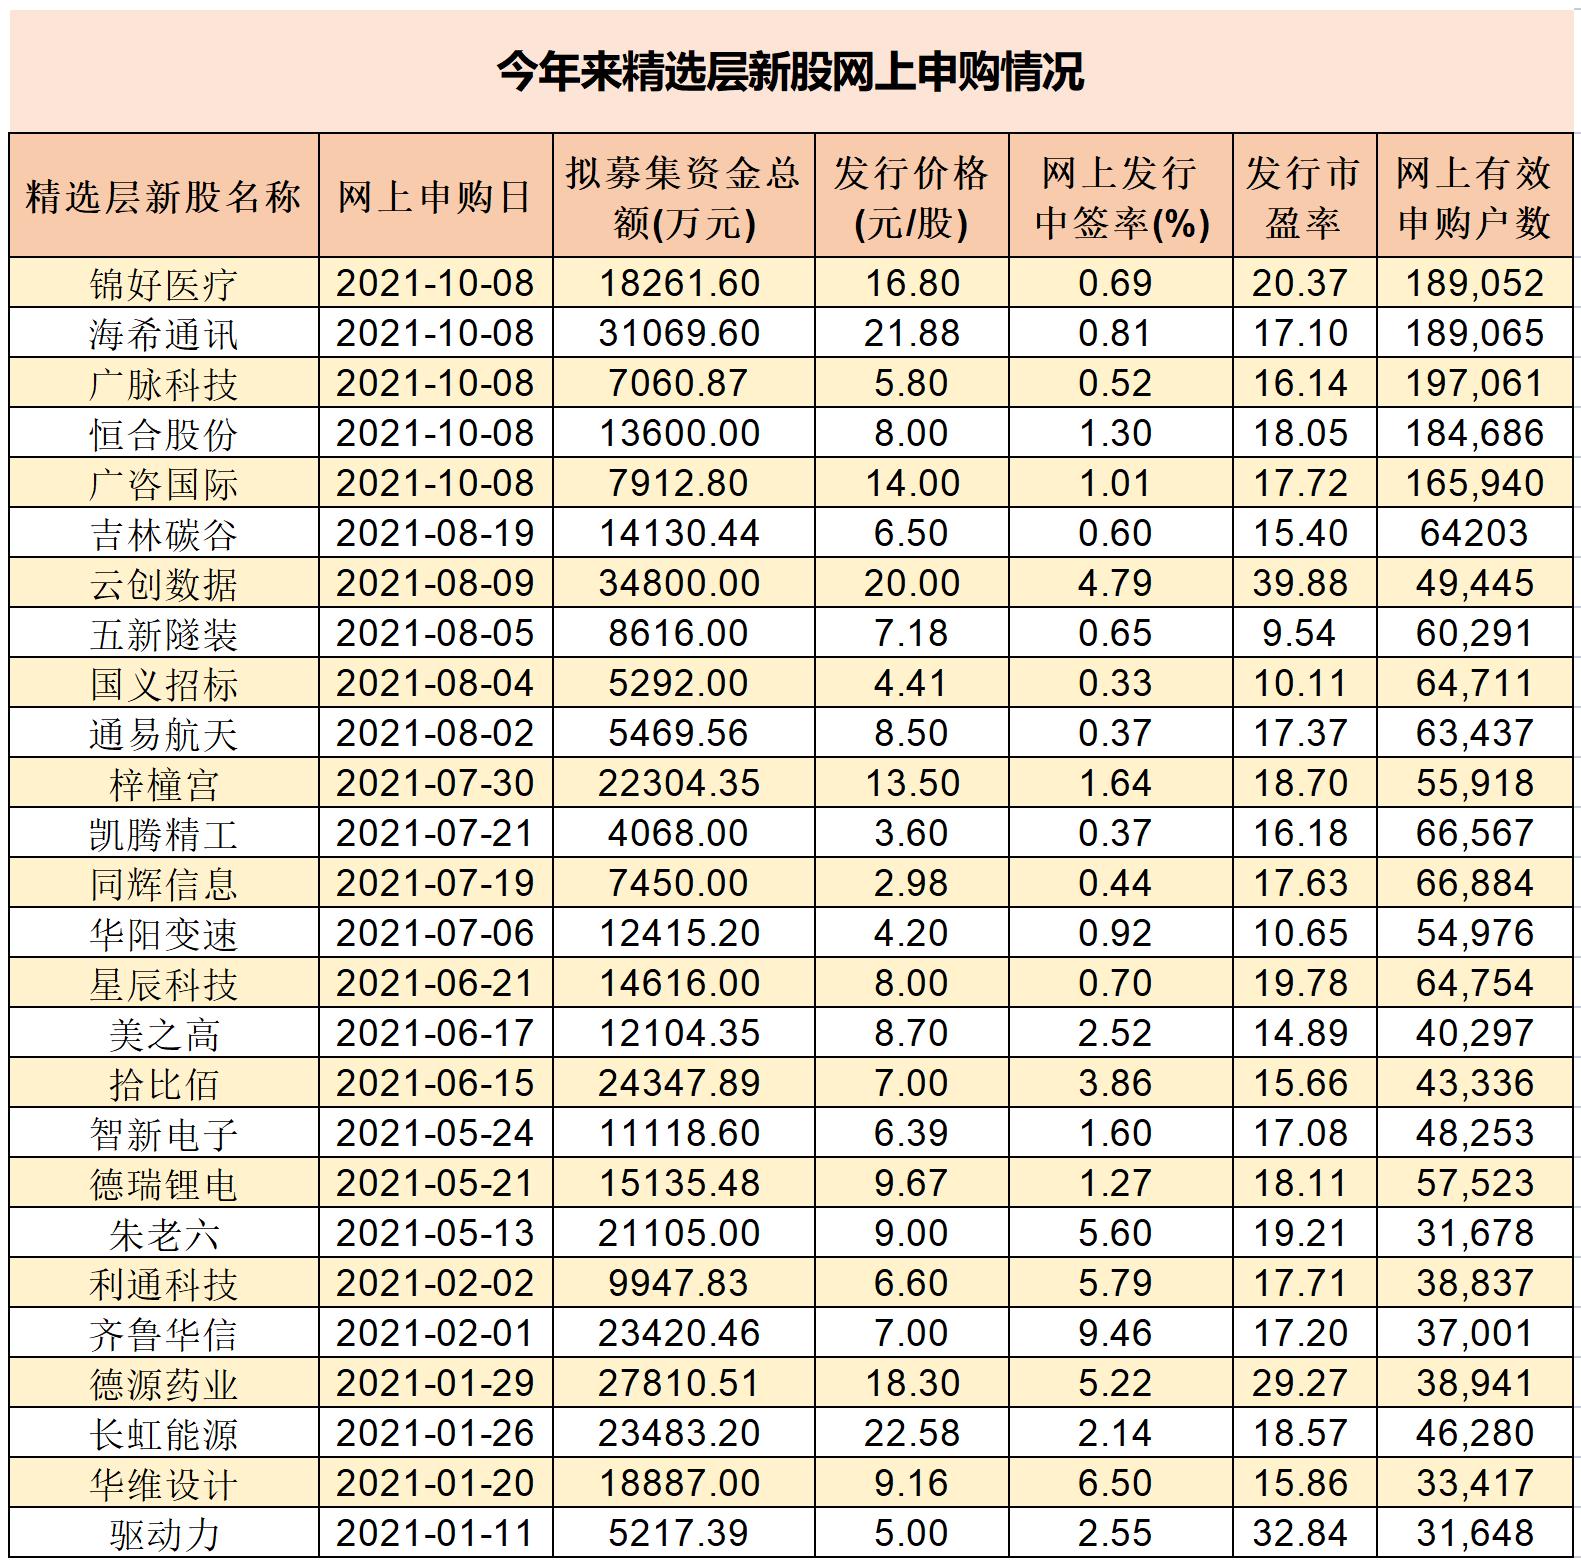 """北交所设立有效激活精选层""""沉睡""""账户:10月首批5只精选层新股平均网上有效申购户数较今年1~9月暴增270%"""